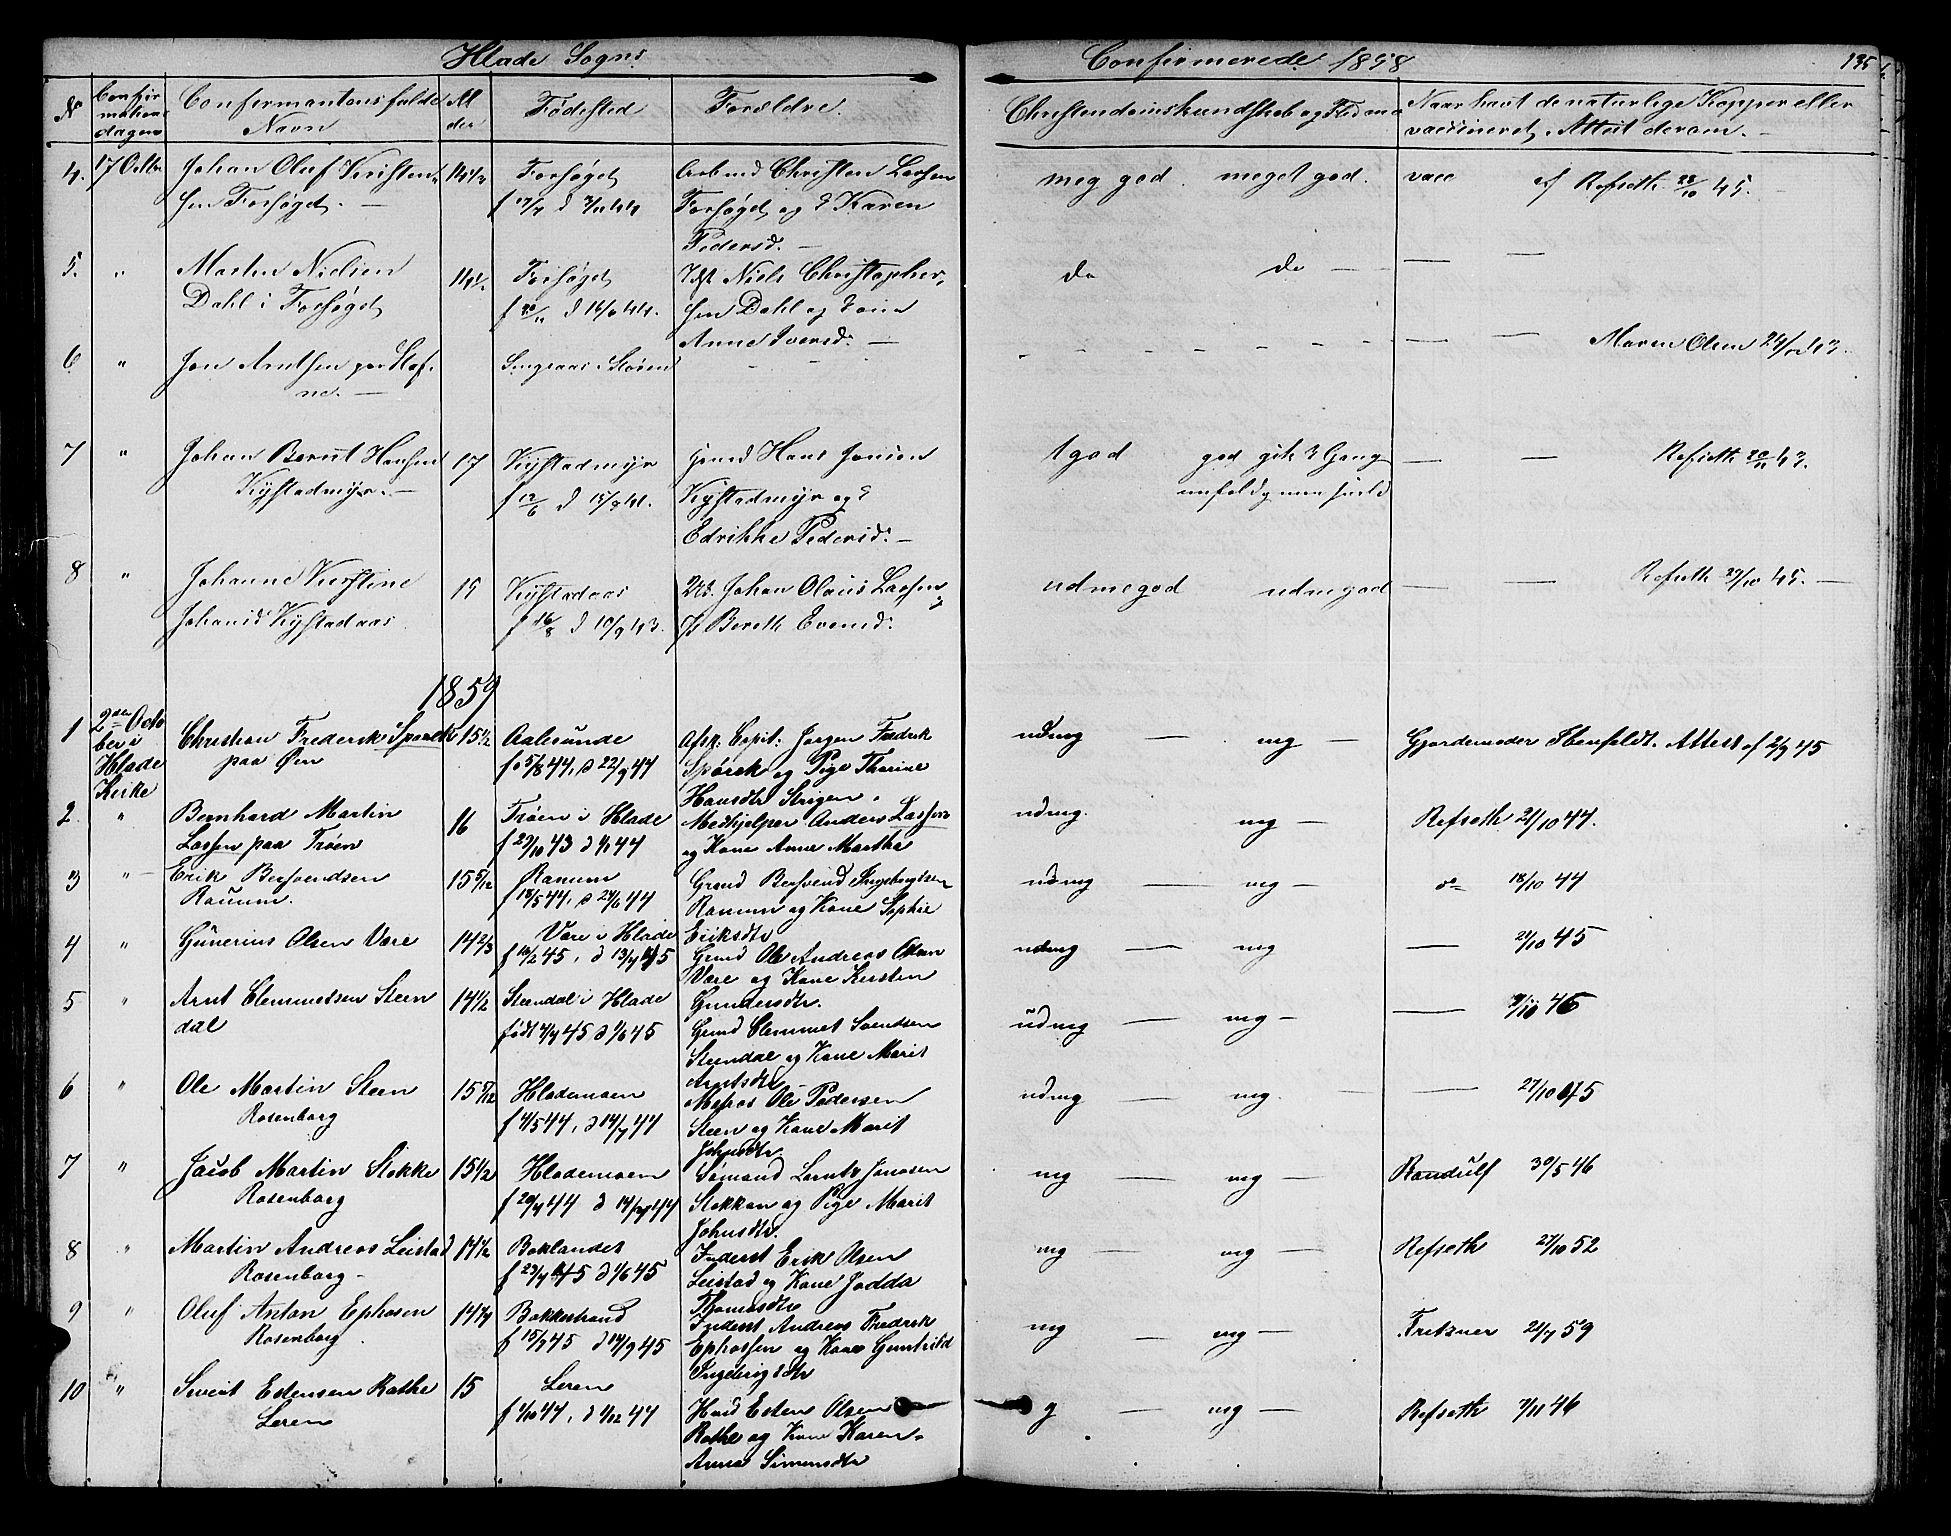 SAT, Ministerialprotokoller, klokkerbøker og fødselsregistre - Sør-Trøndelag, 606/L0310: Klokkerbok nr. 606C06, 1850-1859, s. 135